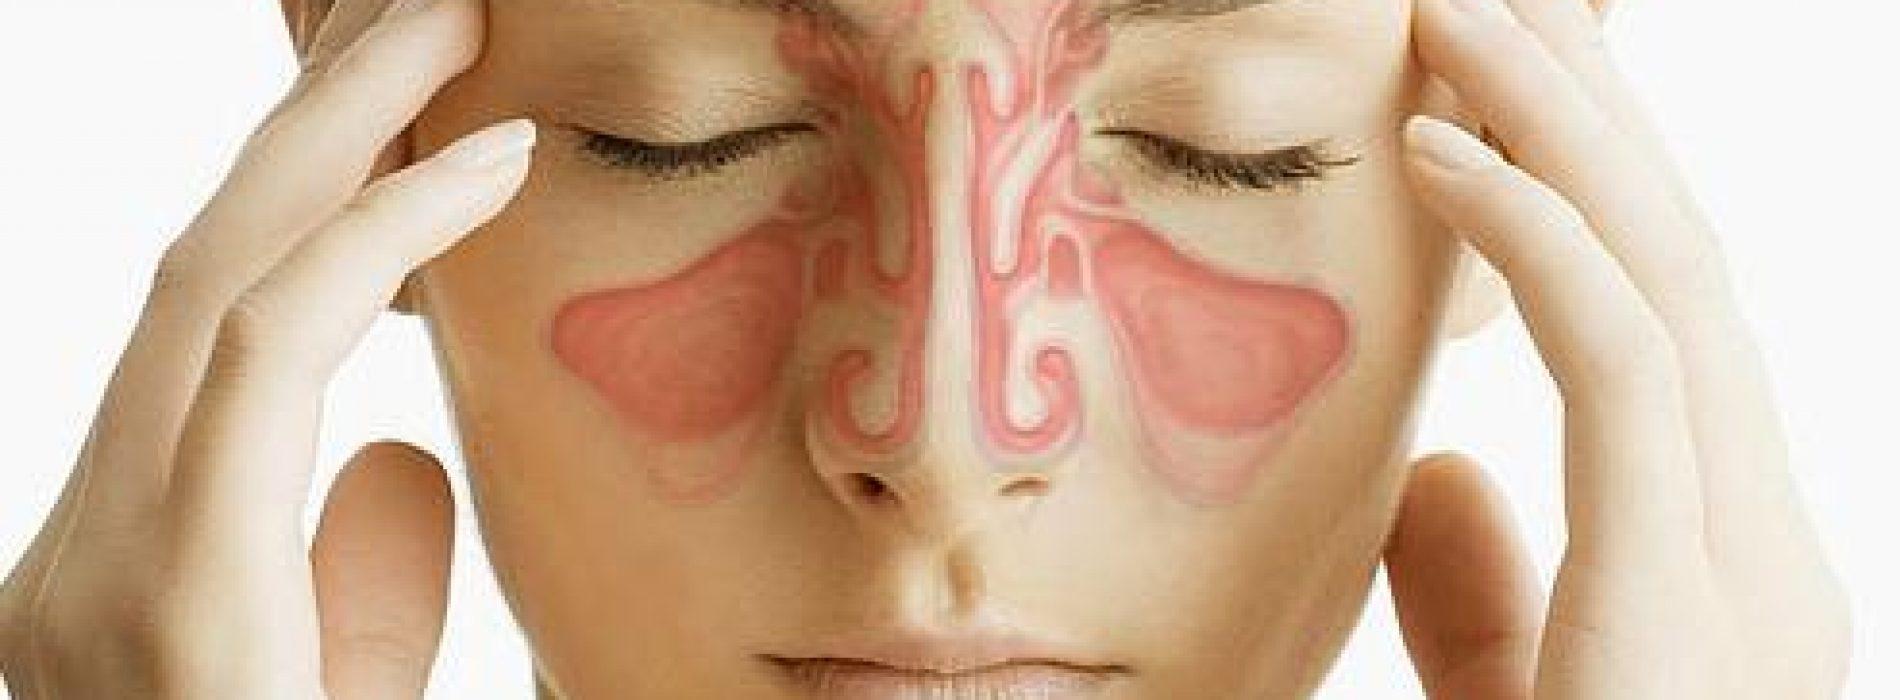 Met dit natuurlijke middeltje zal je voorhoofdholte ontsteking heel snel verdwijnen!